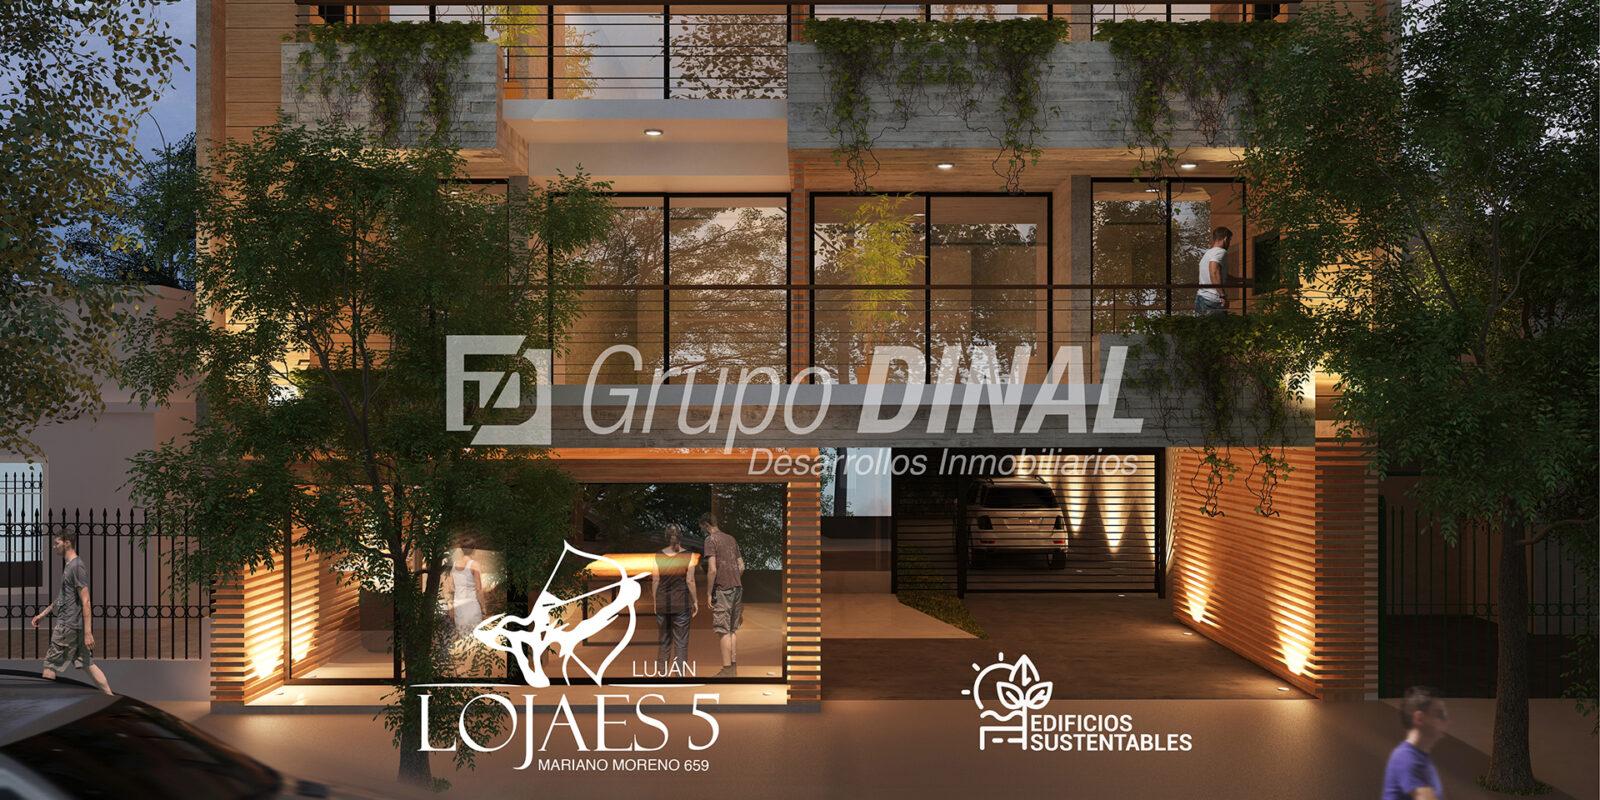 Lojaes 5 | Mariano Moreno 659